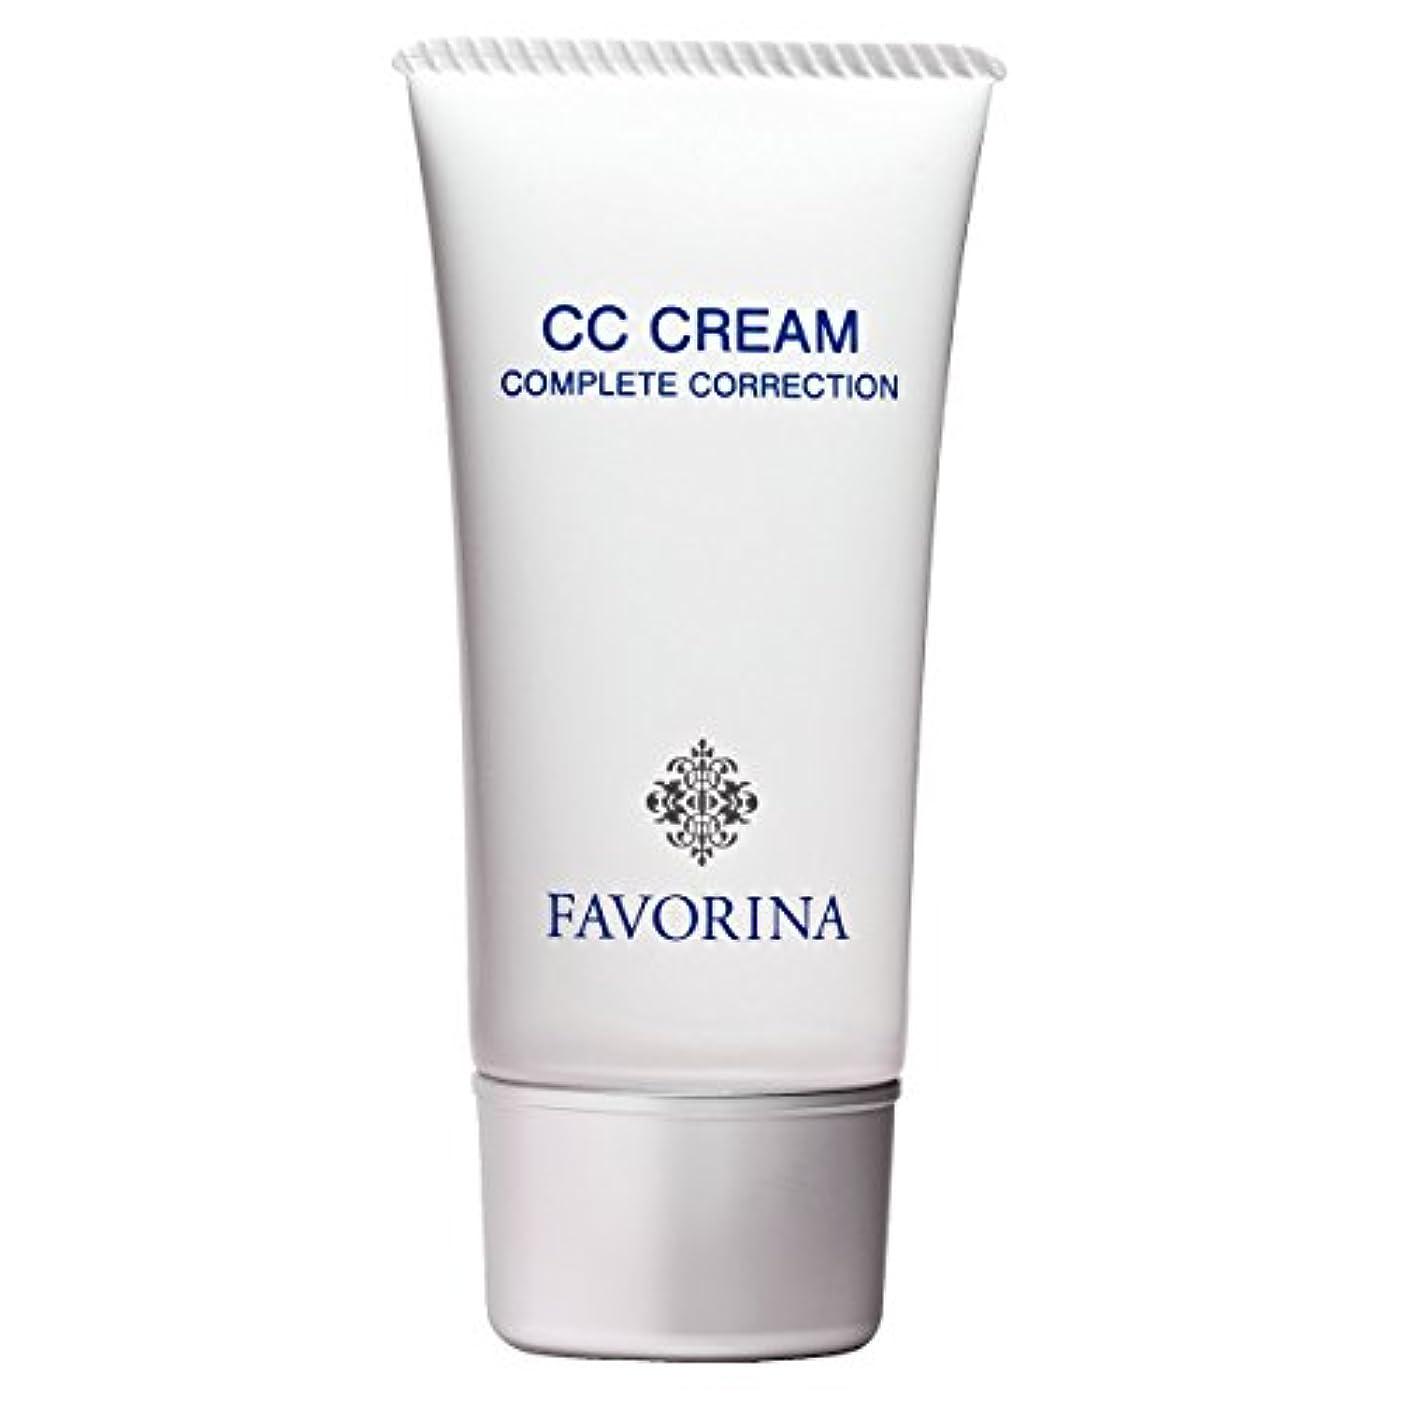 スクレーパービルマ法律フェヴリナ (Favorina) CCクリーム ライトベージュ 30g